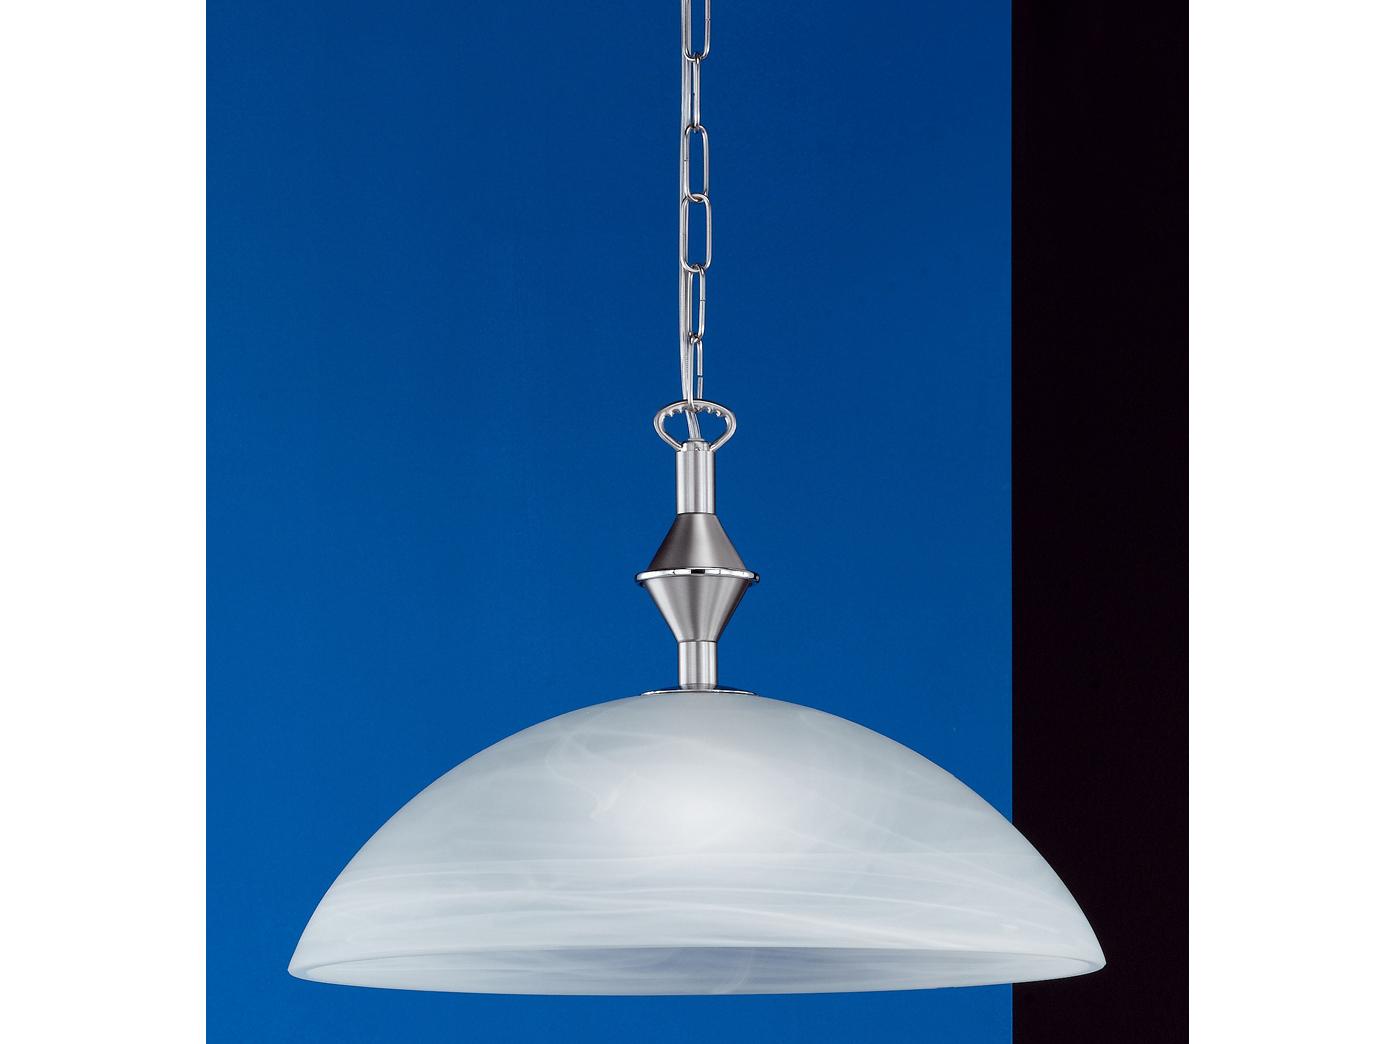 Tiffany Lampen Amsterdam : Pendelleuchte nickel matt chrom glas weiß honsel leuchten amsterdam